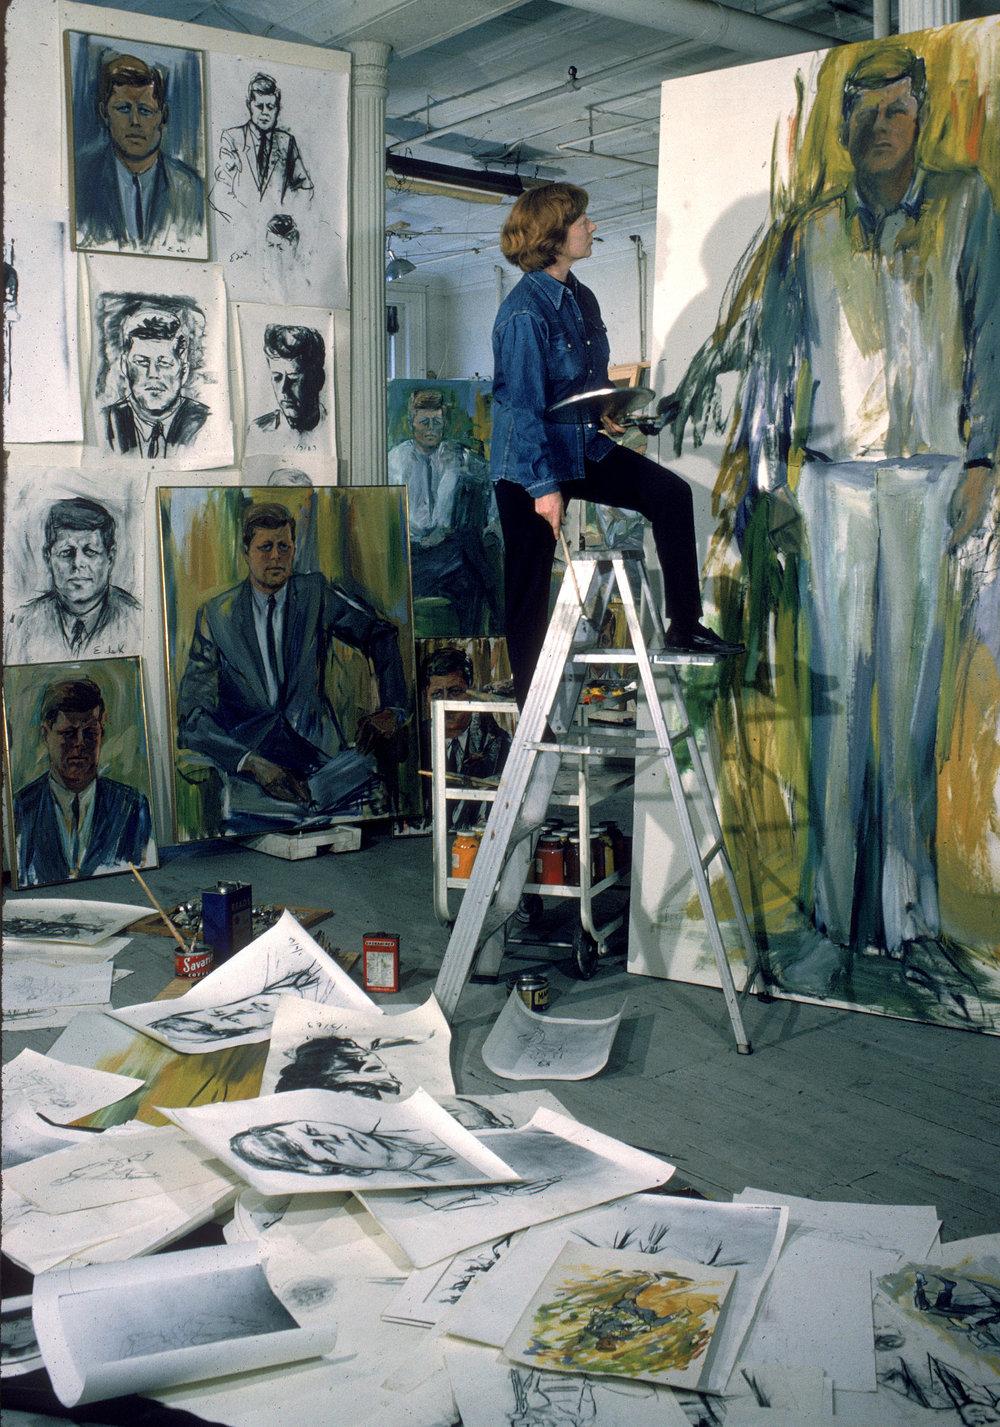 Elaine de Kooning in her studio, 1963